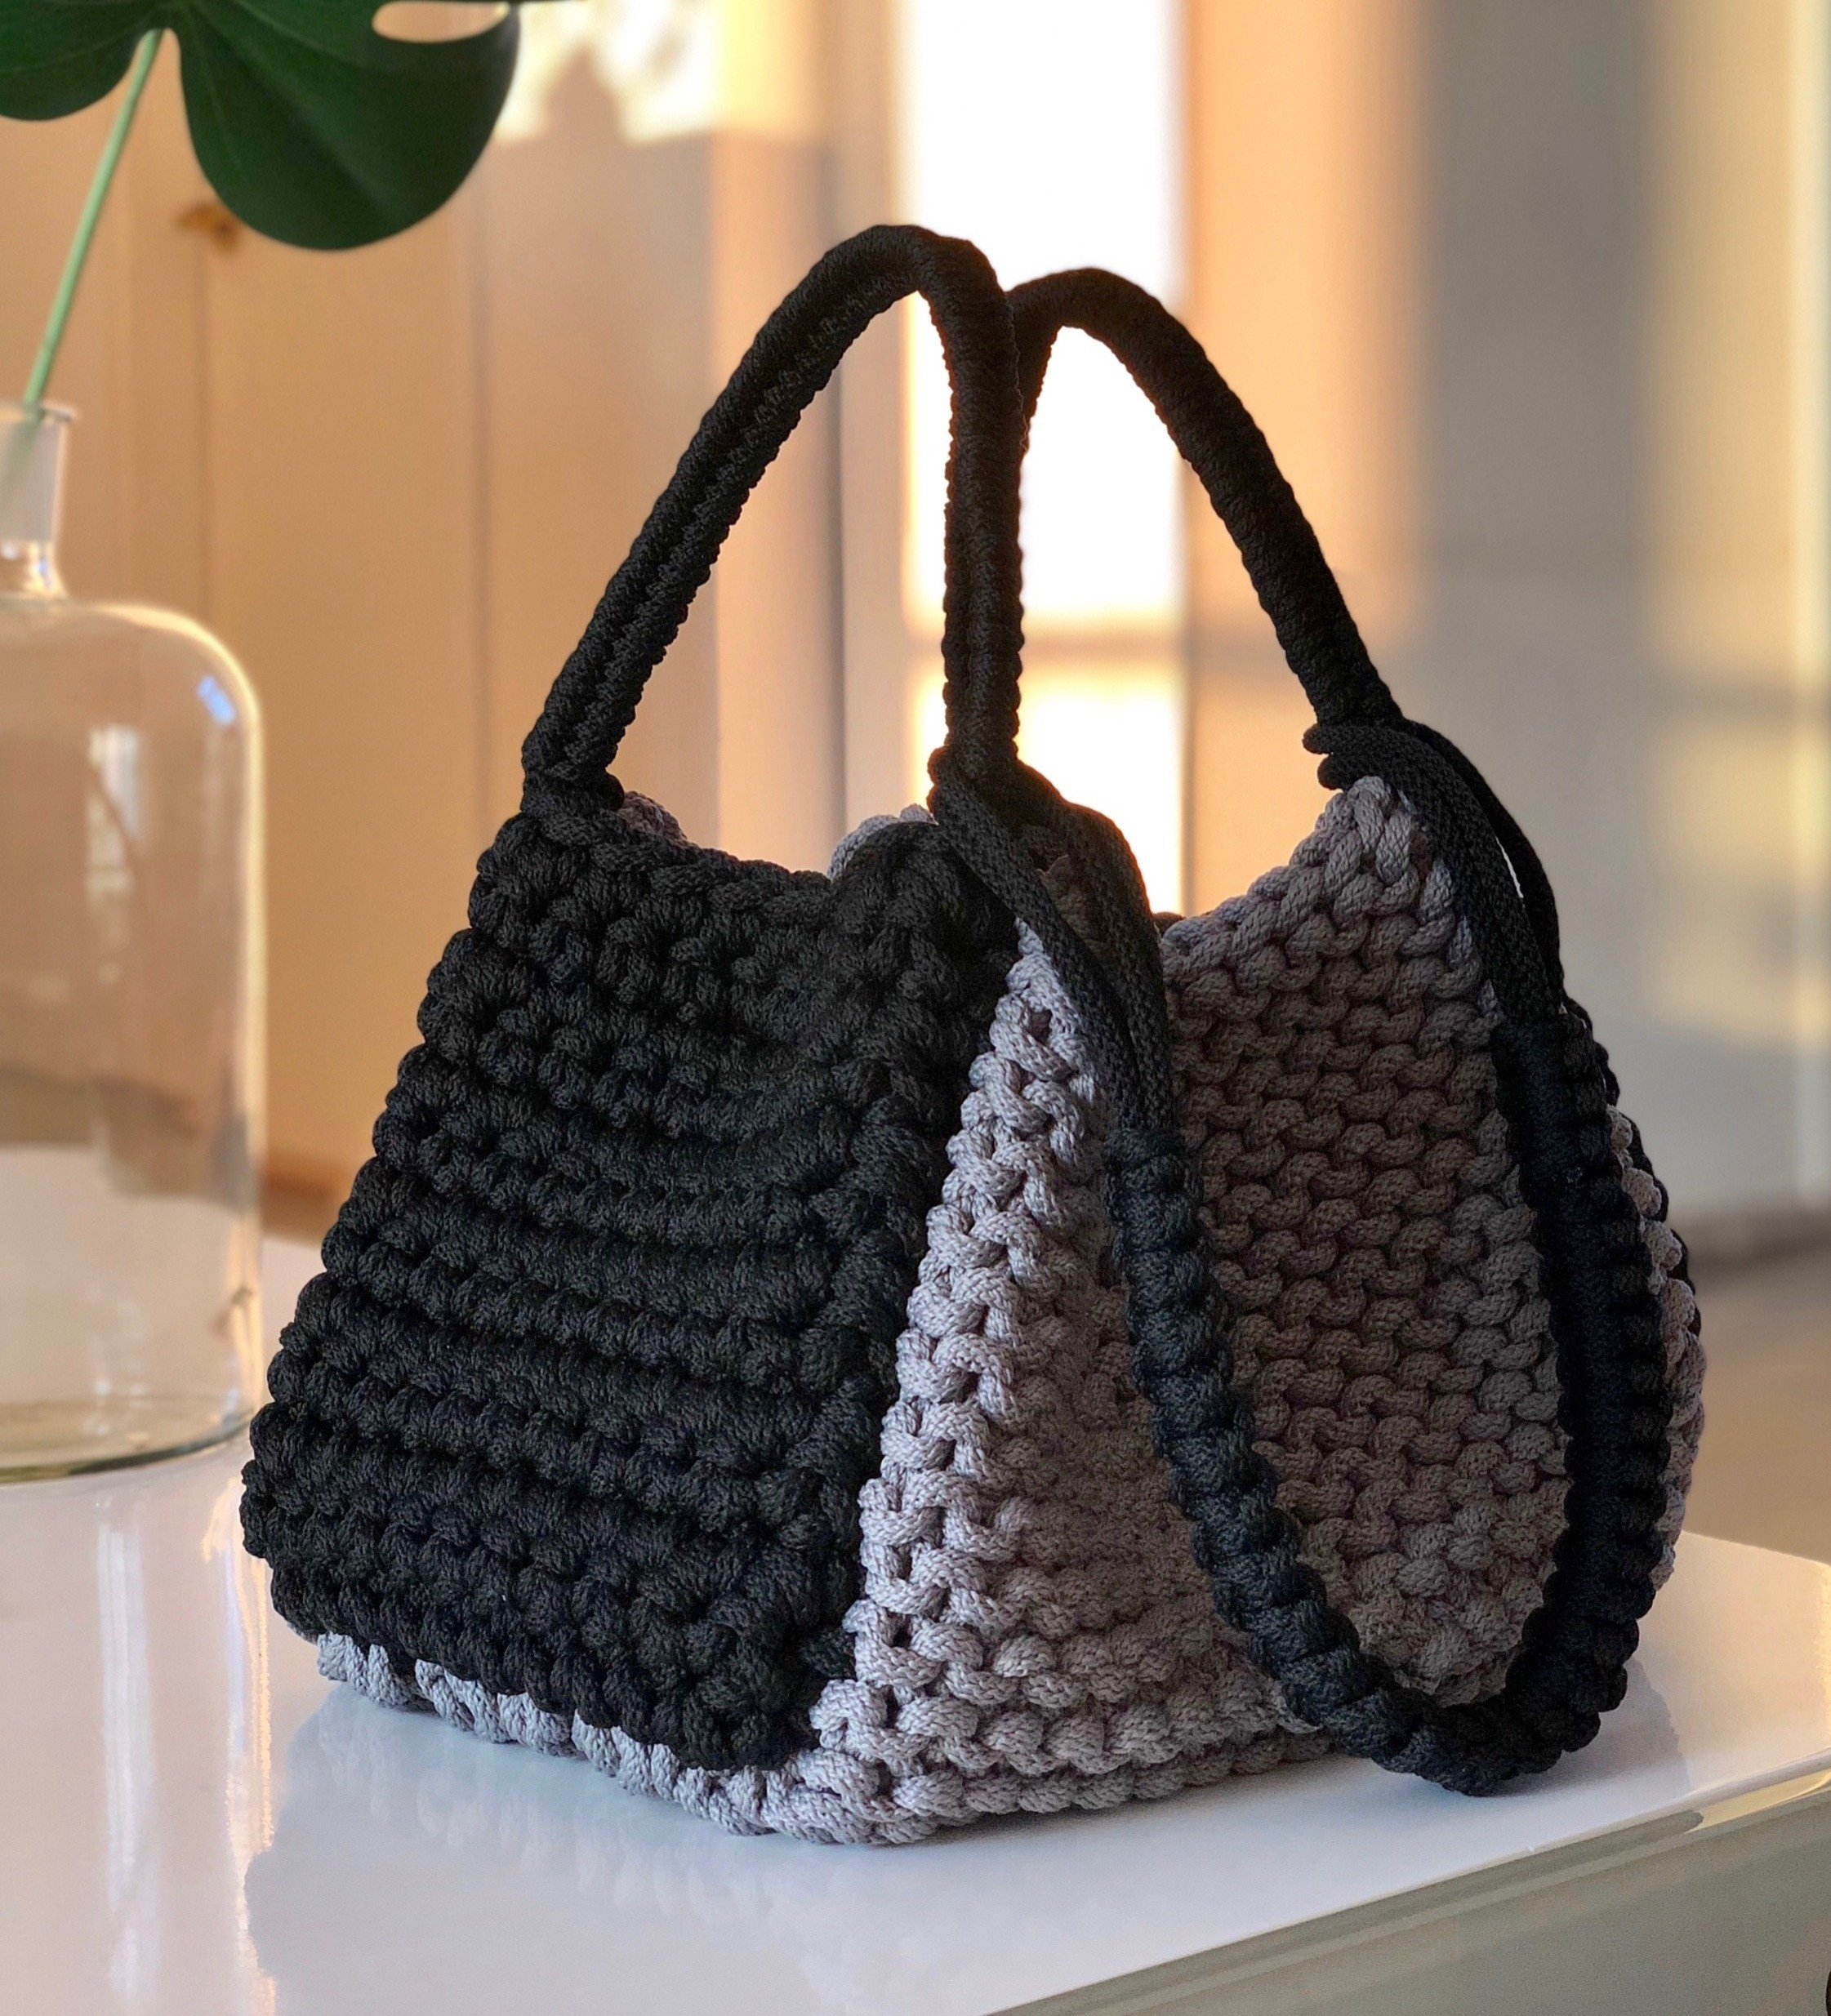 Beginner-Crochet 2 ways handbag